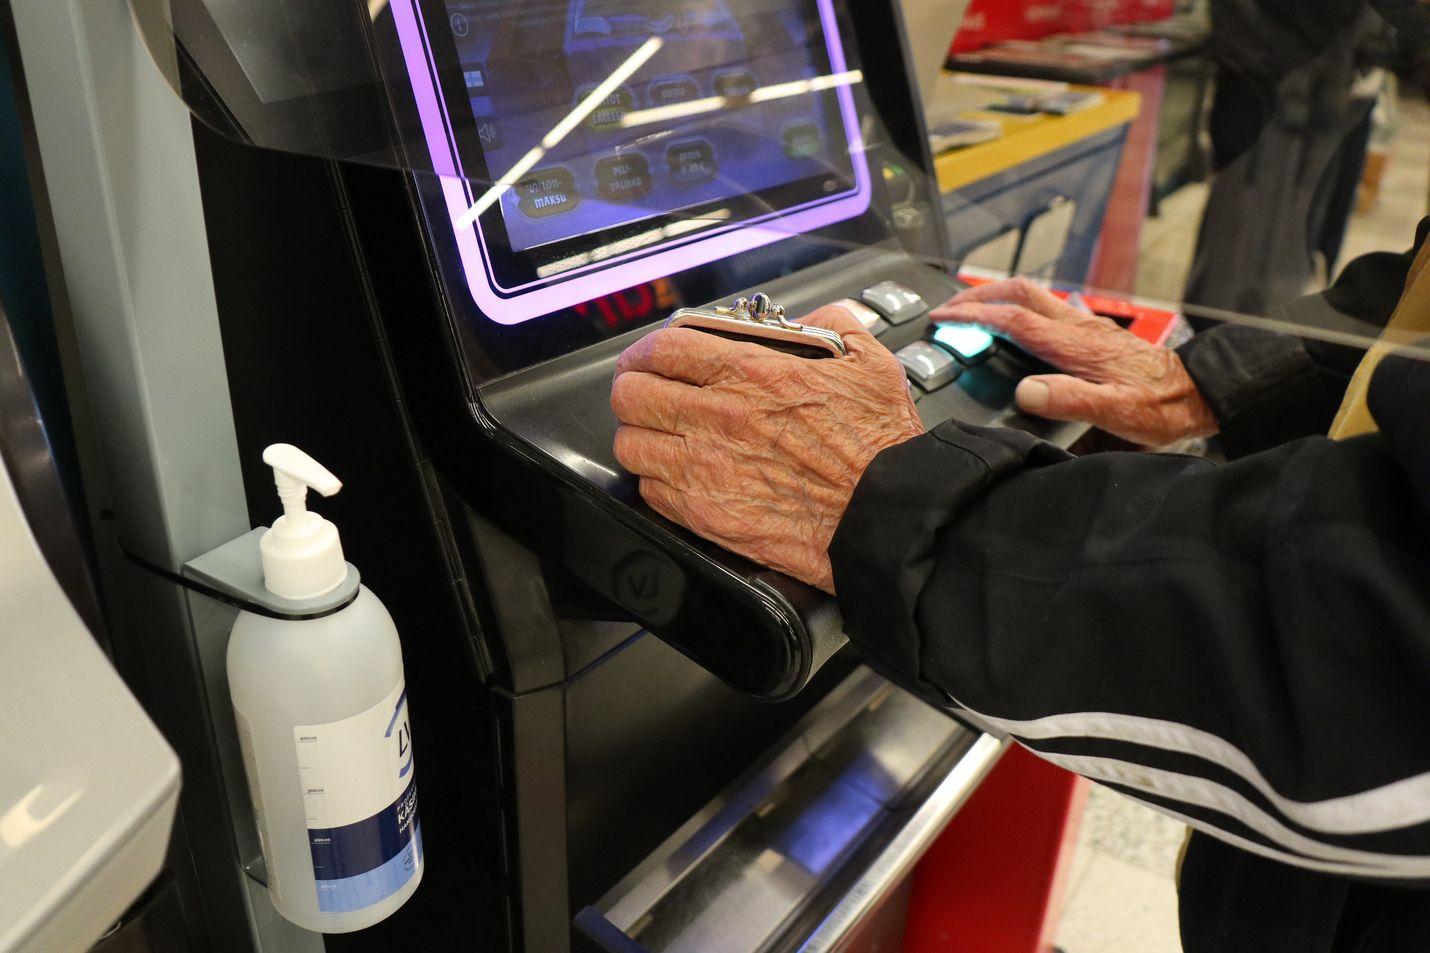 Veikkaus on saanut peliautomaattien avaamisesta kiitosta niin asiakkailta kuin asiamiehiltä. Koronasuojaustoimia on kiitelty.